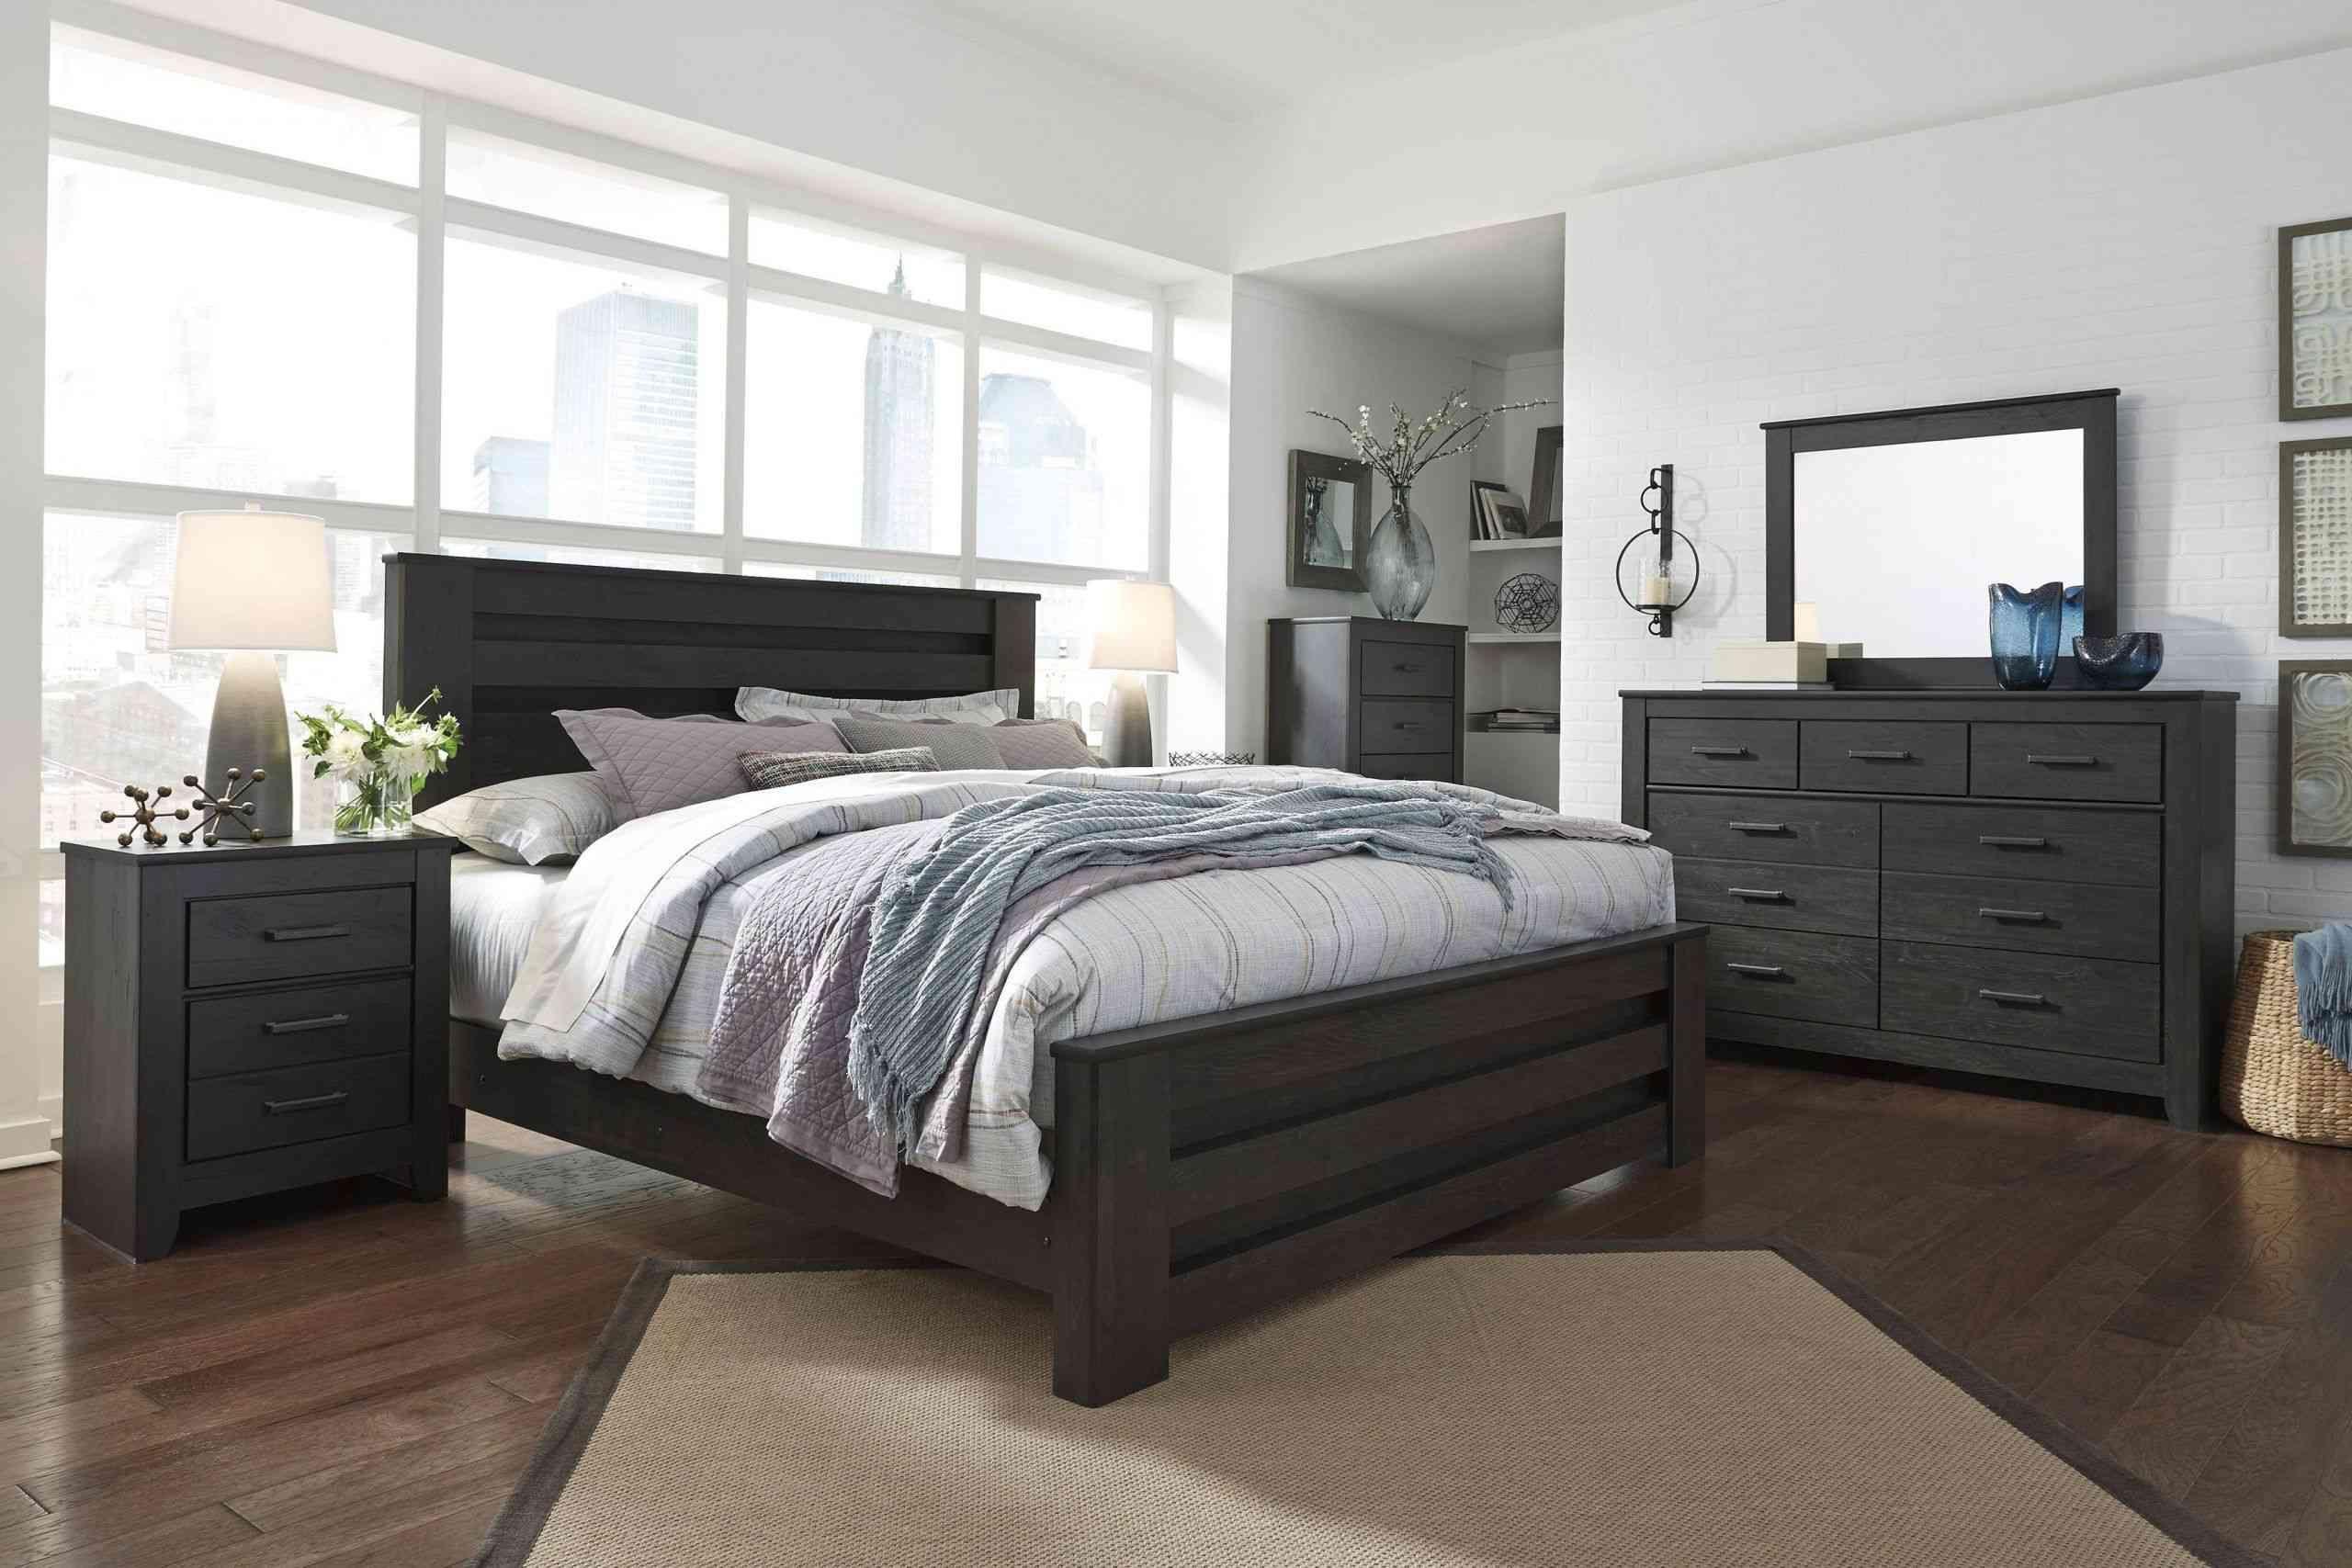 Ashley Furniture Platform Bedroom Sets In 2020 Bedroom Sets For